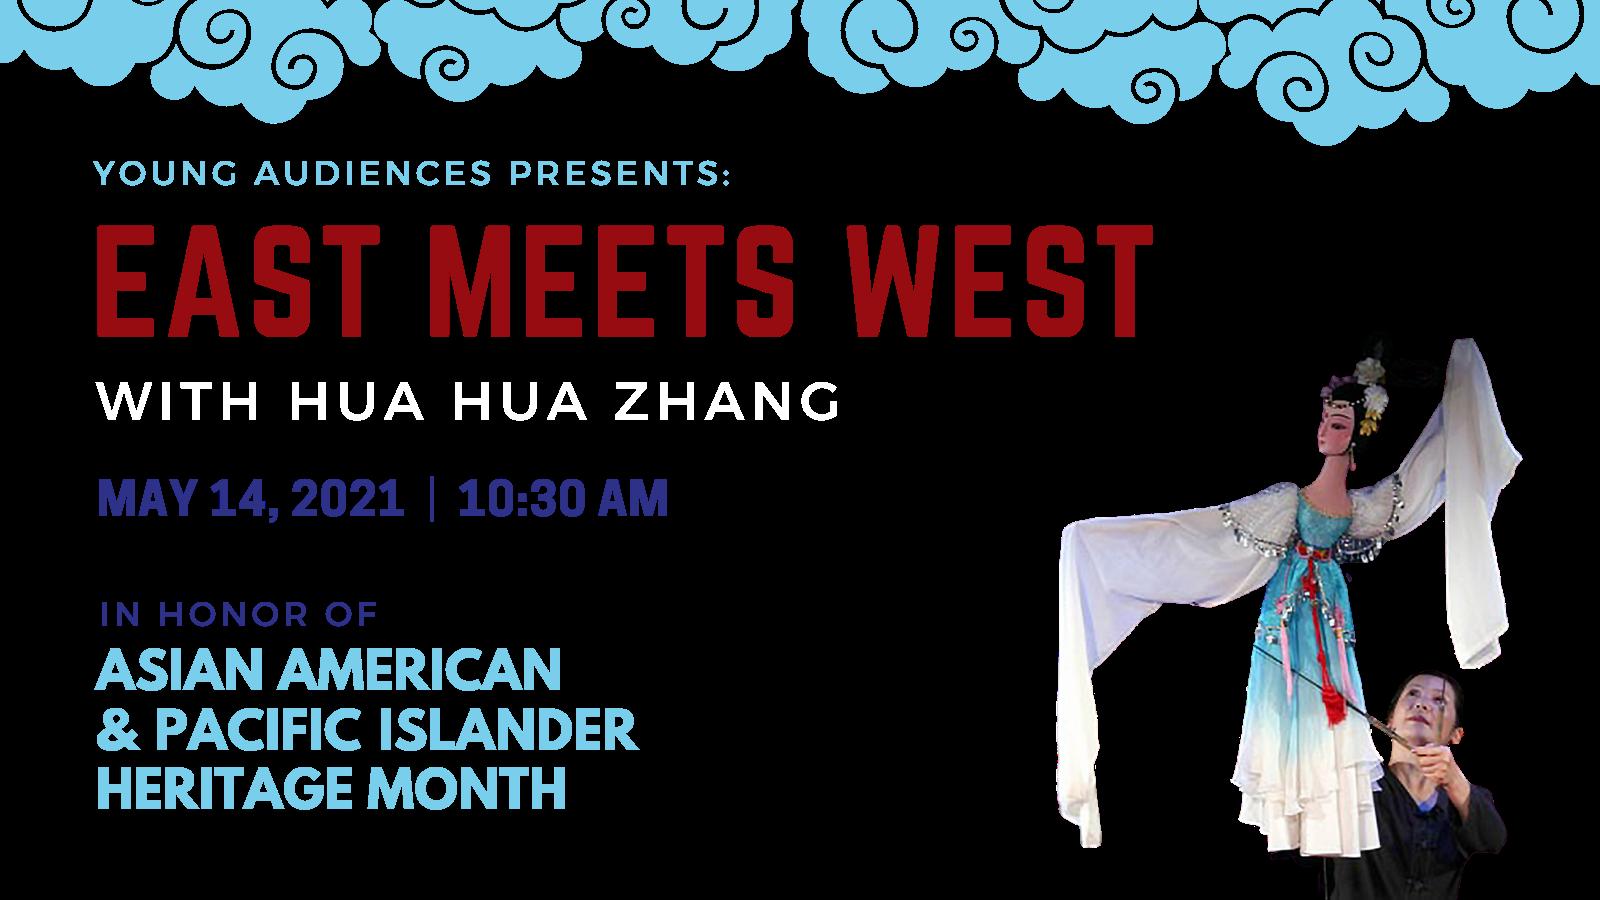 El este se encuentra con el oeste con Hua Hua Zhang SMV